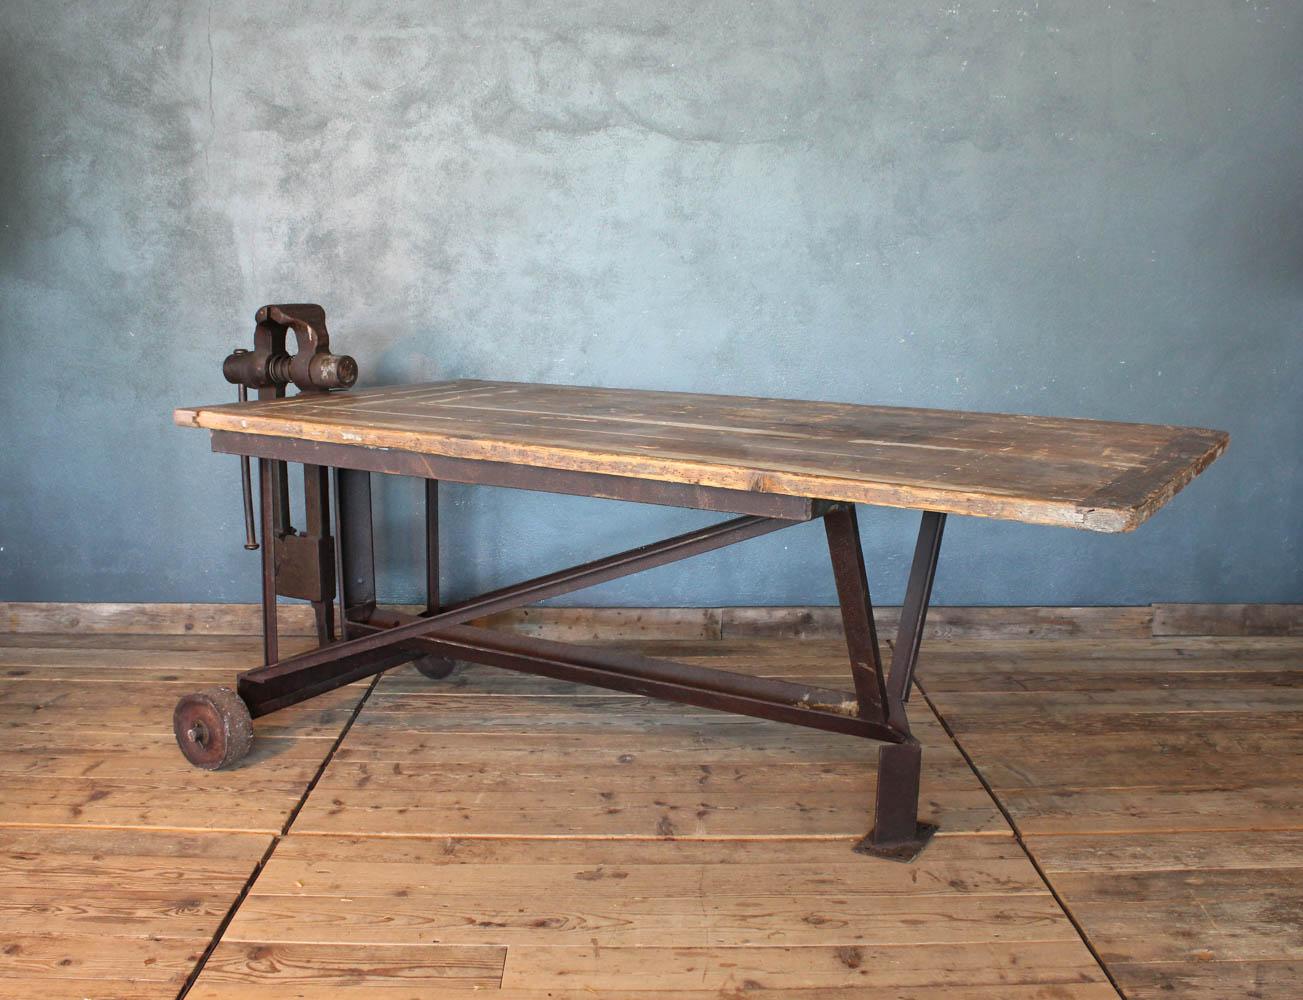 Tavolo industriale in ferro e legno con morsa